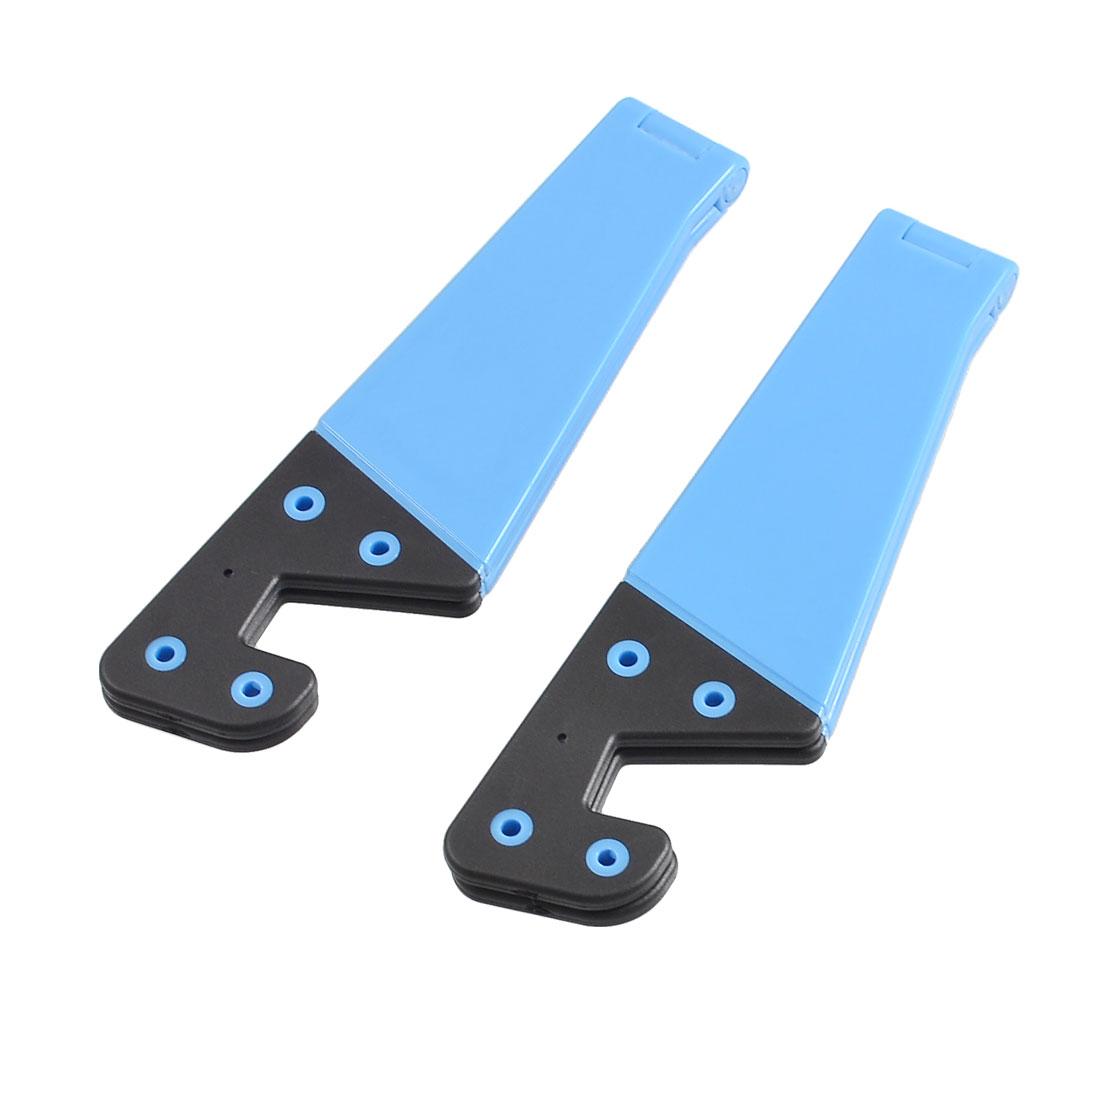 2 Pcs Adjustable Plastic Bracket Holder Black Blue for Phone